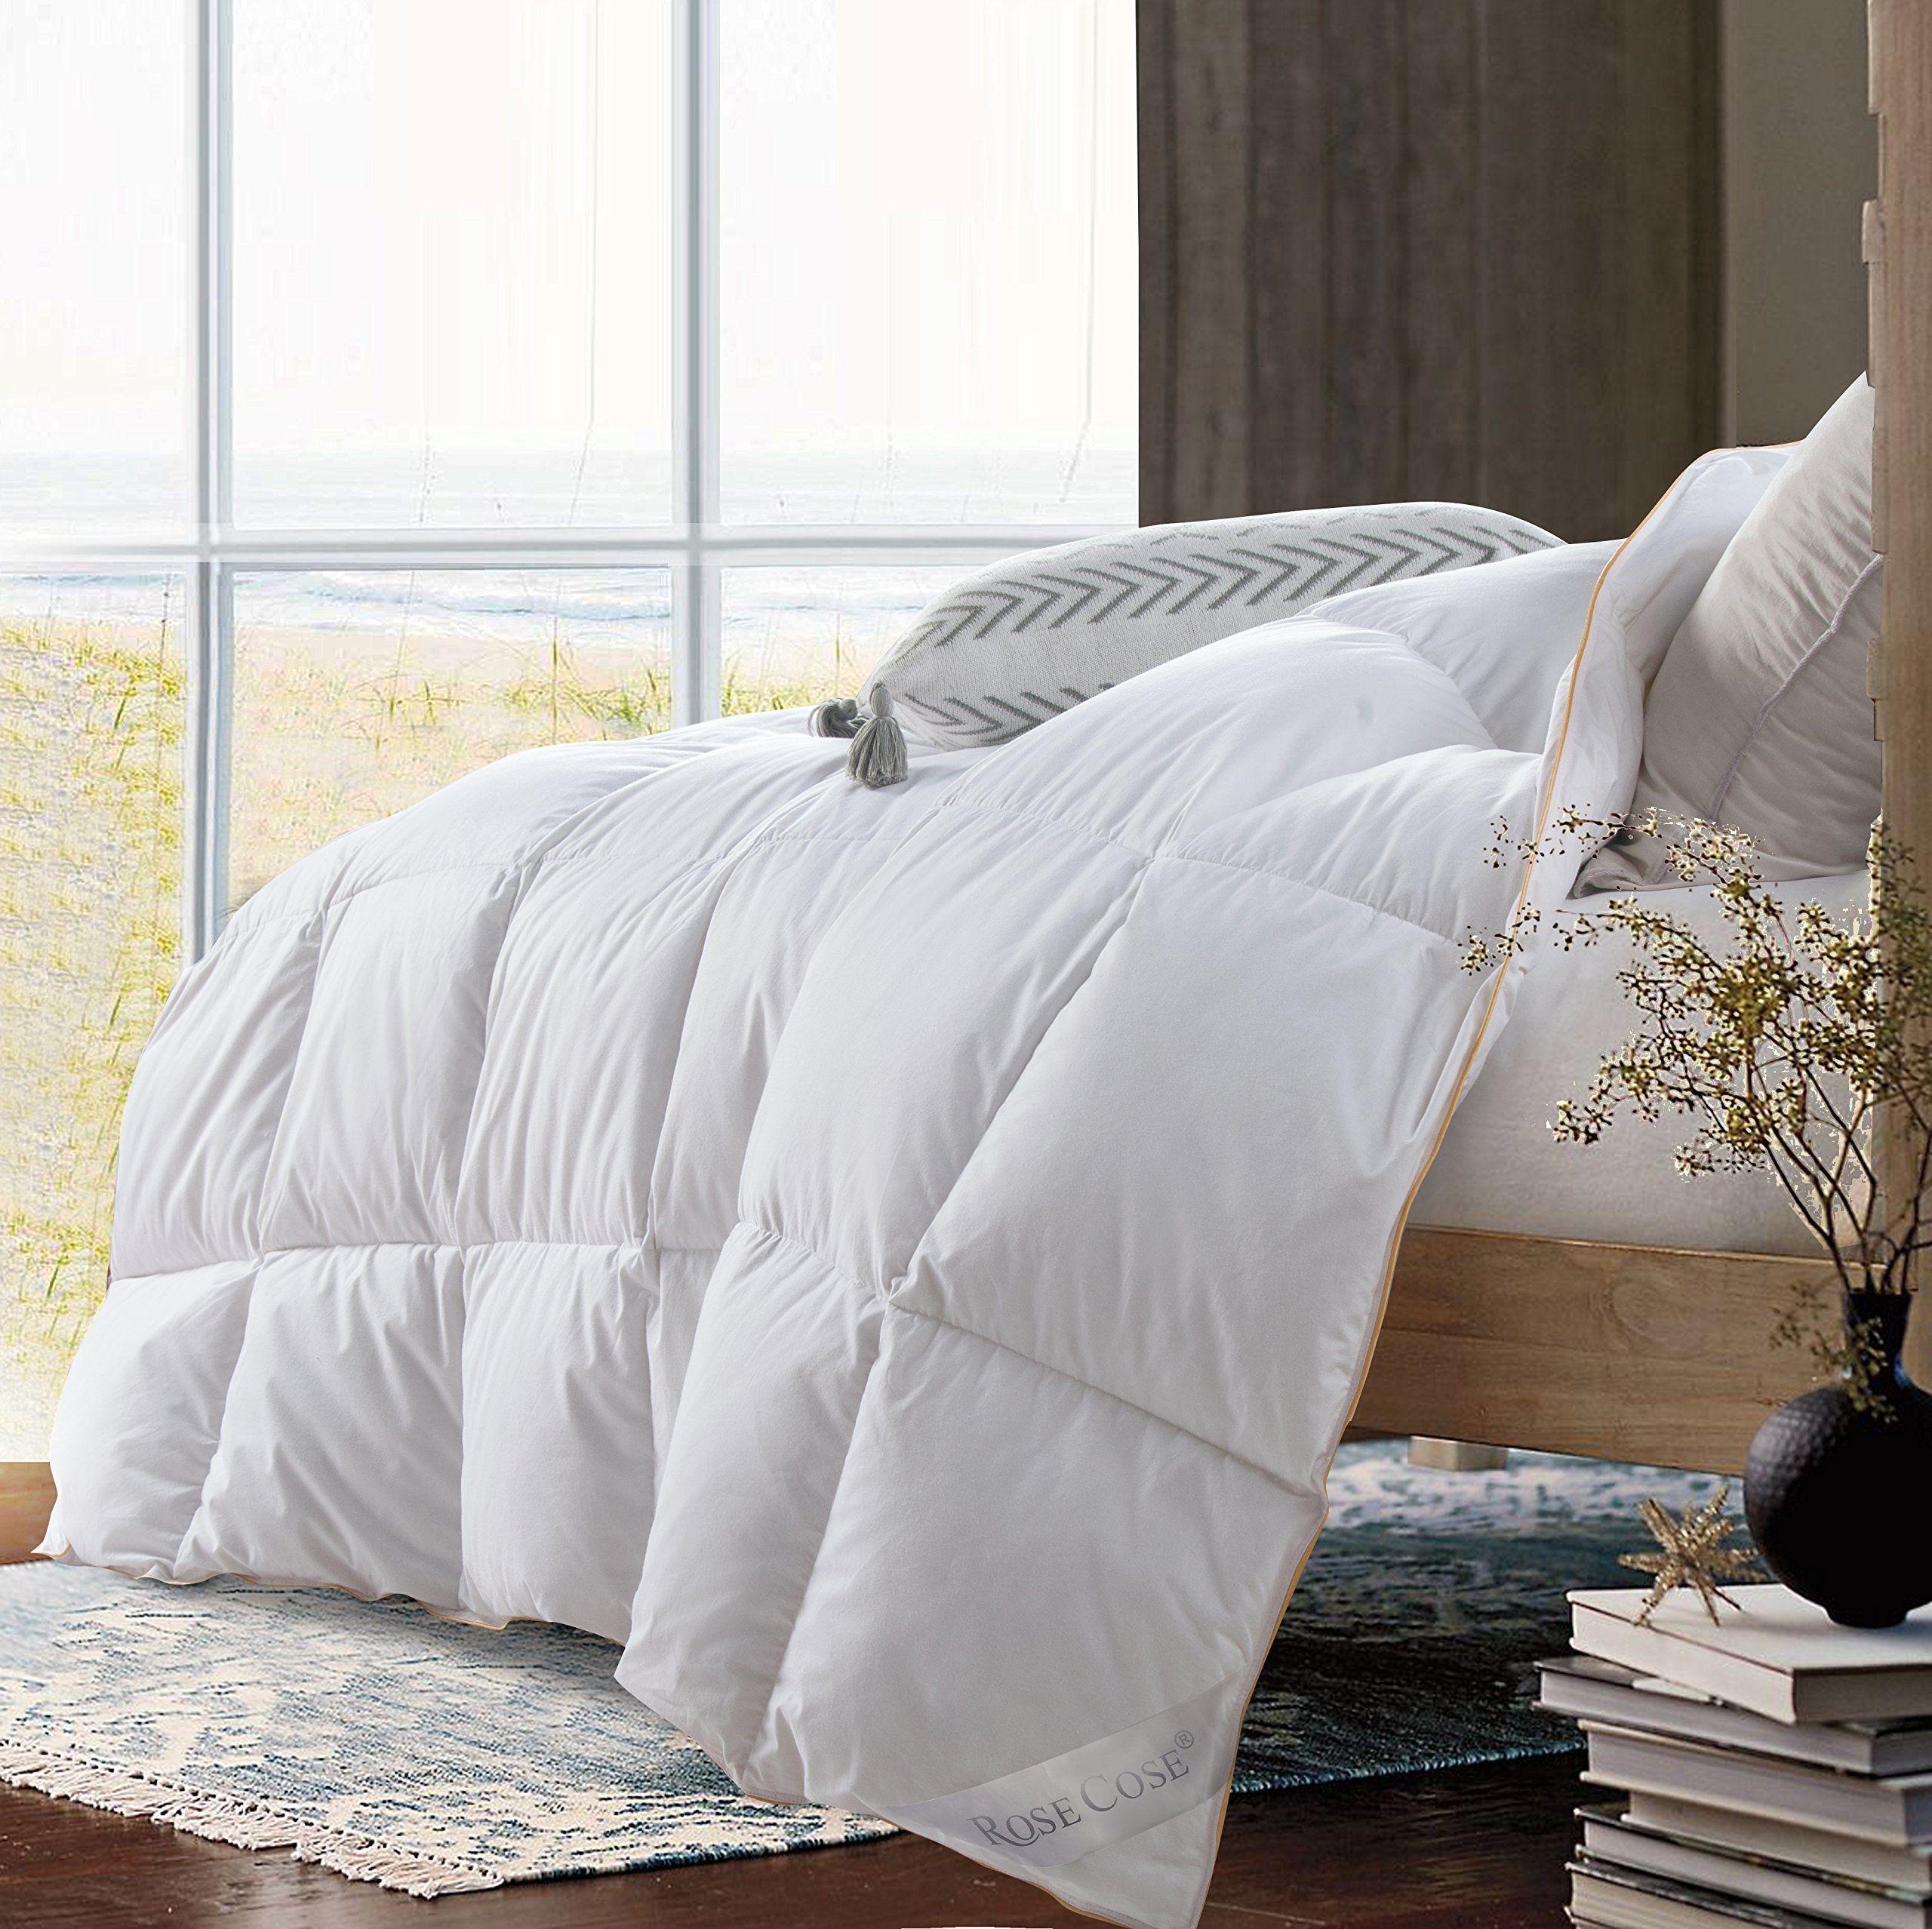 Rosecose Luxurious Lightweight Goose Down Comforter Duvet Insert